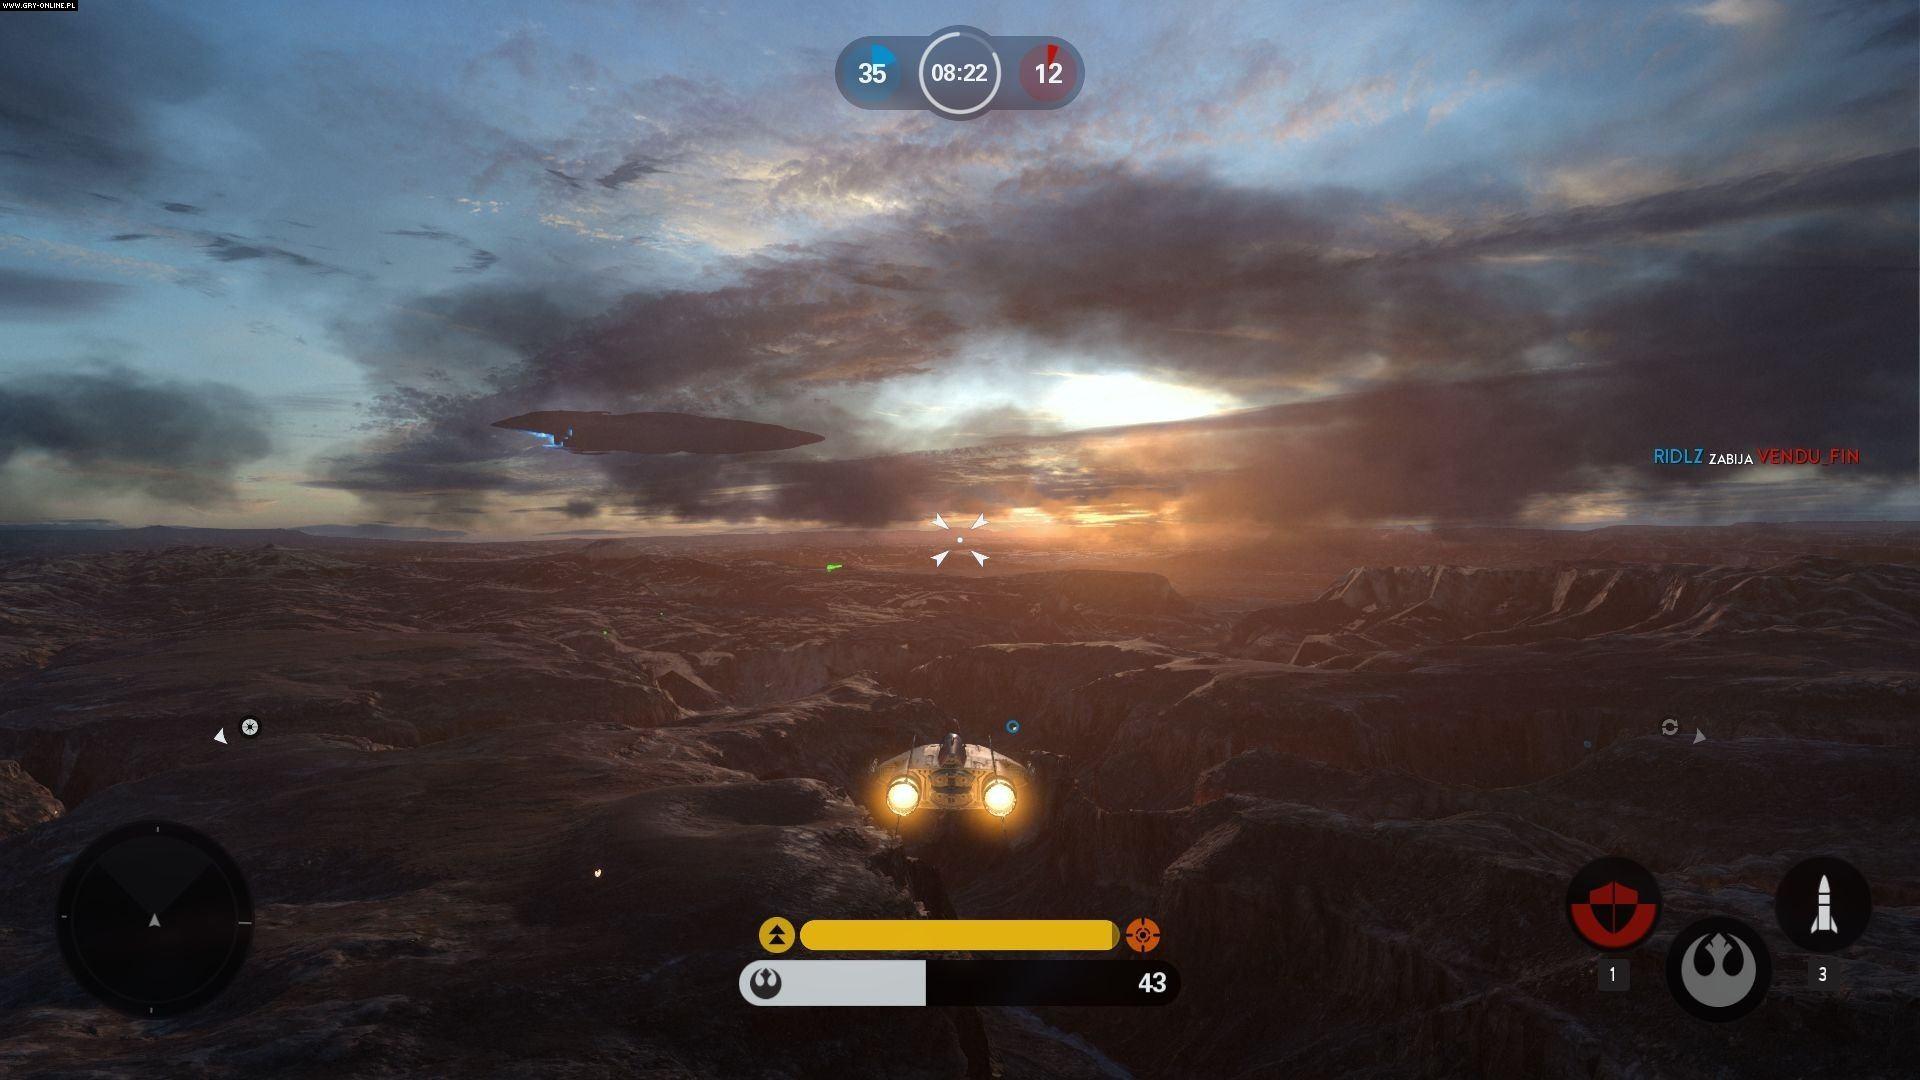 Star Wars Battlefront image #6